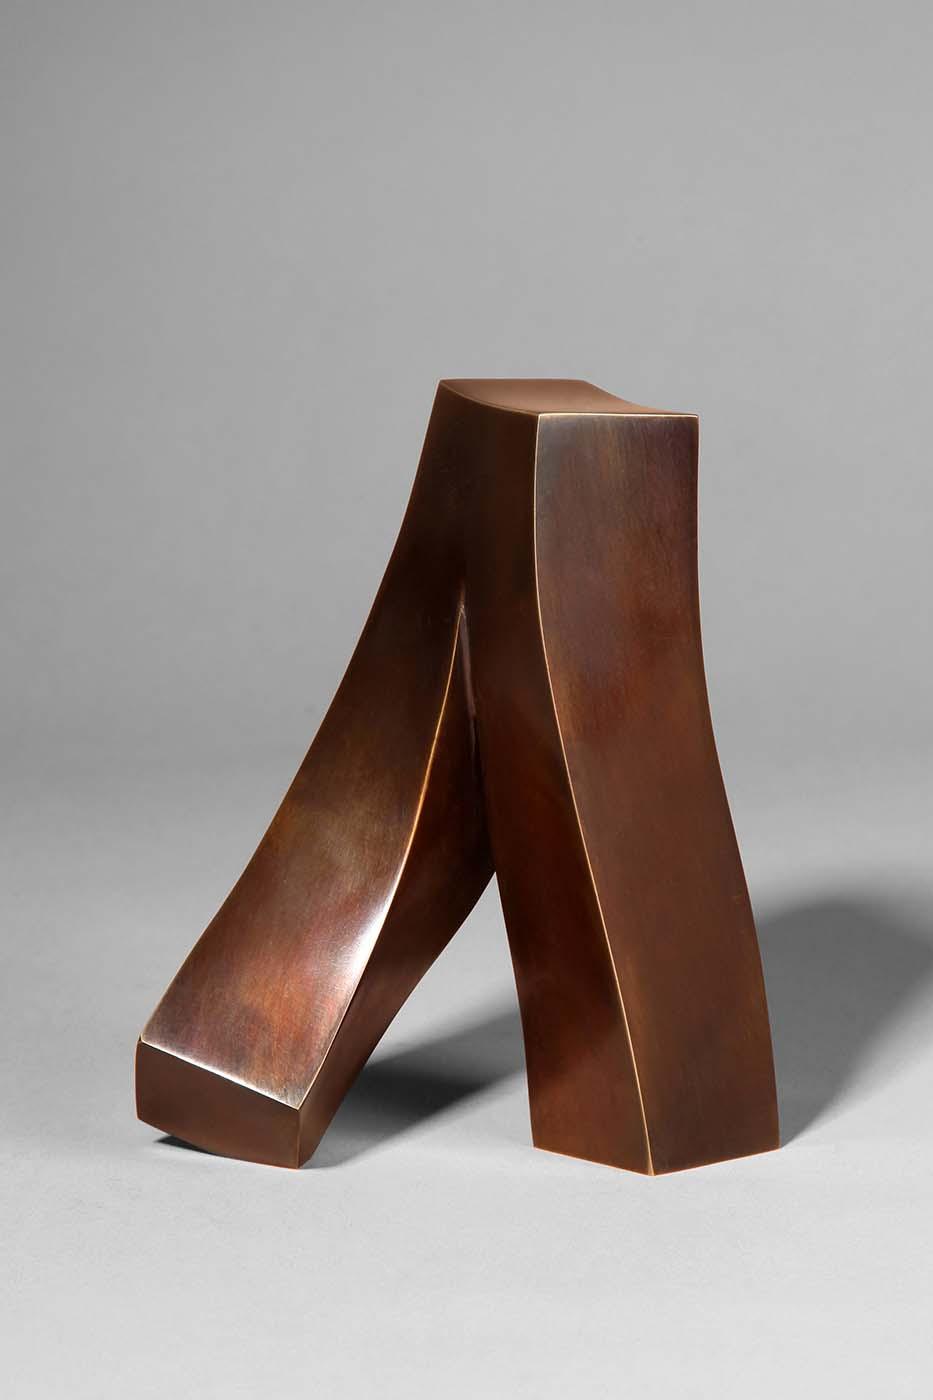 Kleiner Schritt, 2011, Bronze, 13,5 x 11,5 x 7,5 cm (02)